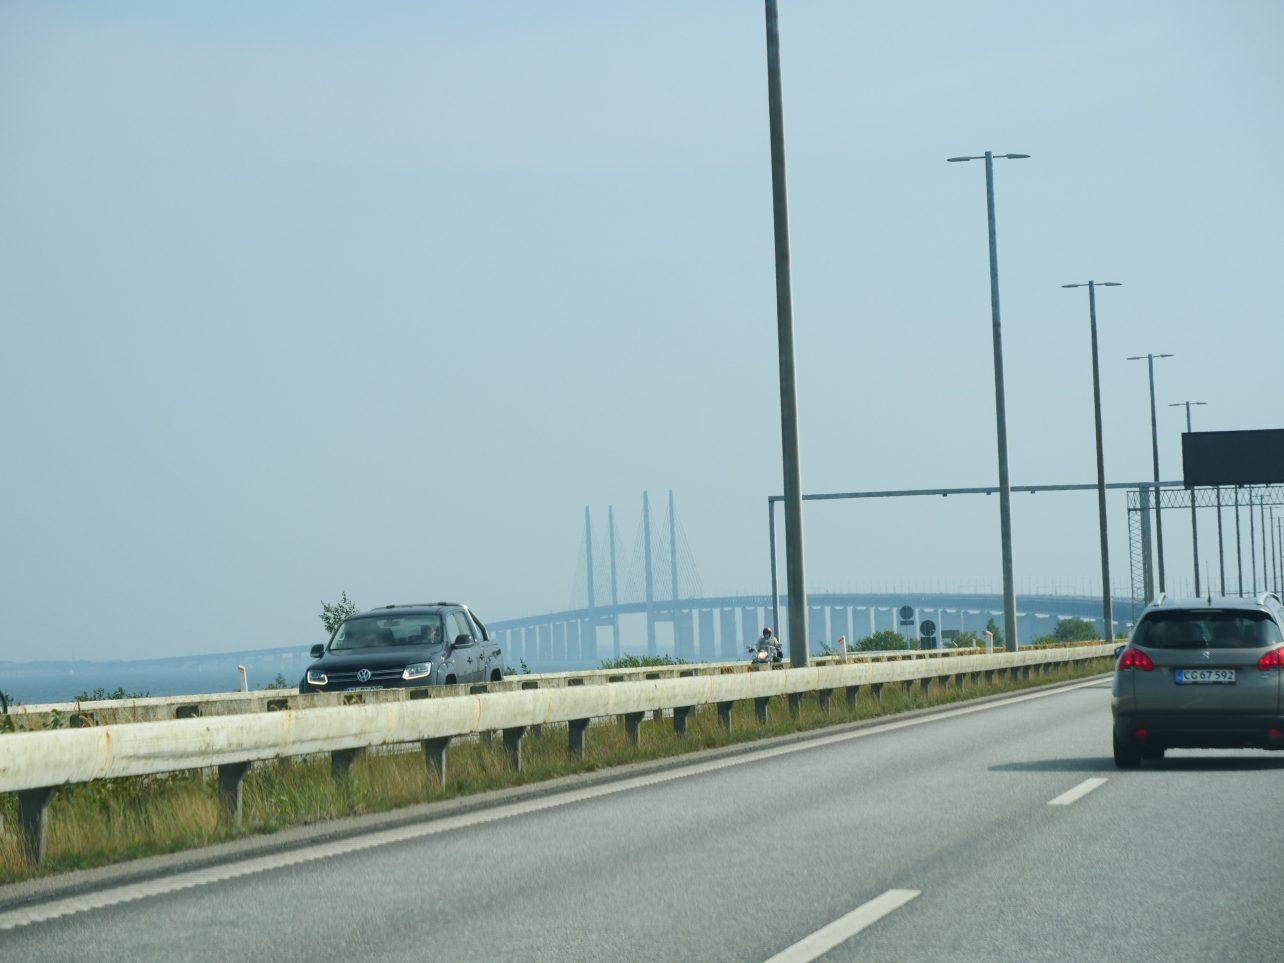 La vue sur le pont d'Oresund qui enjambe la Baltique